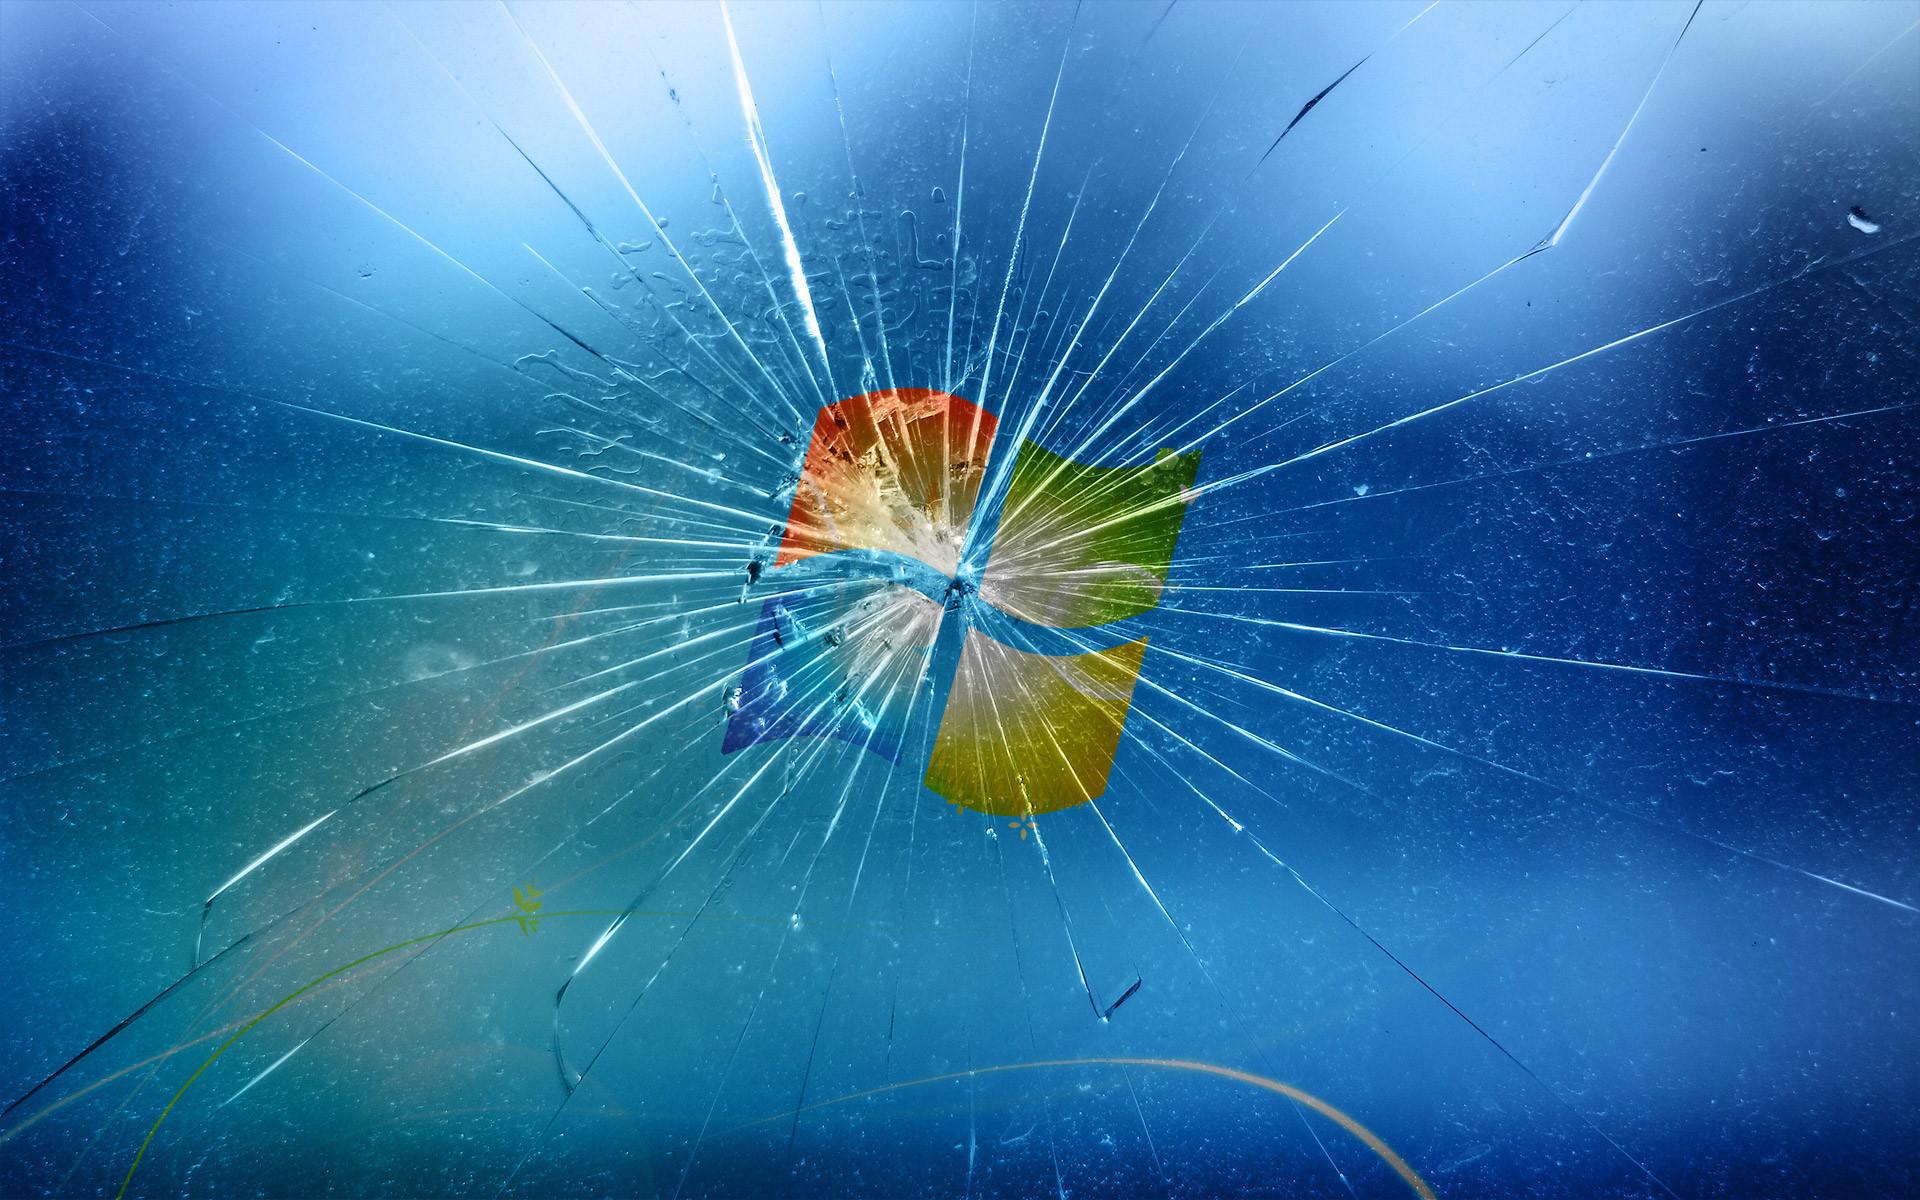 Broken Windows 7 Screen Wallpapers Photo